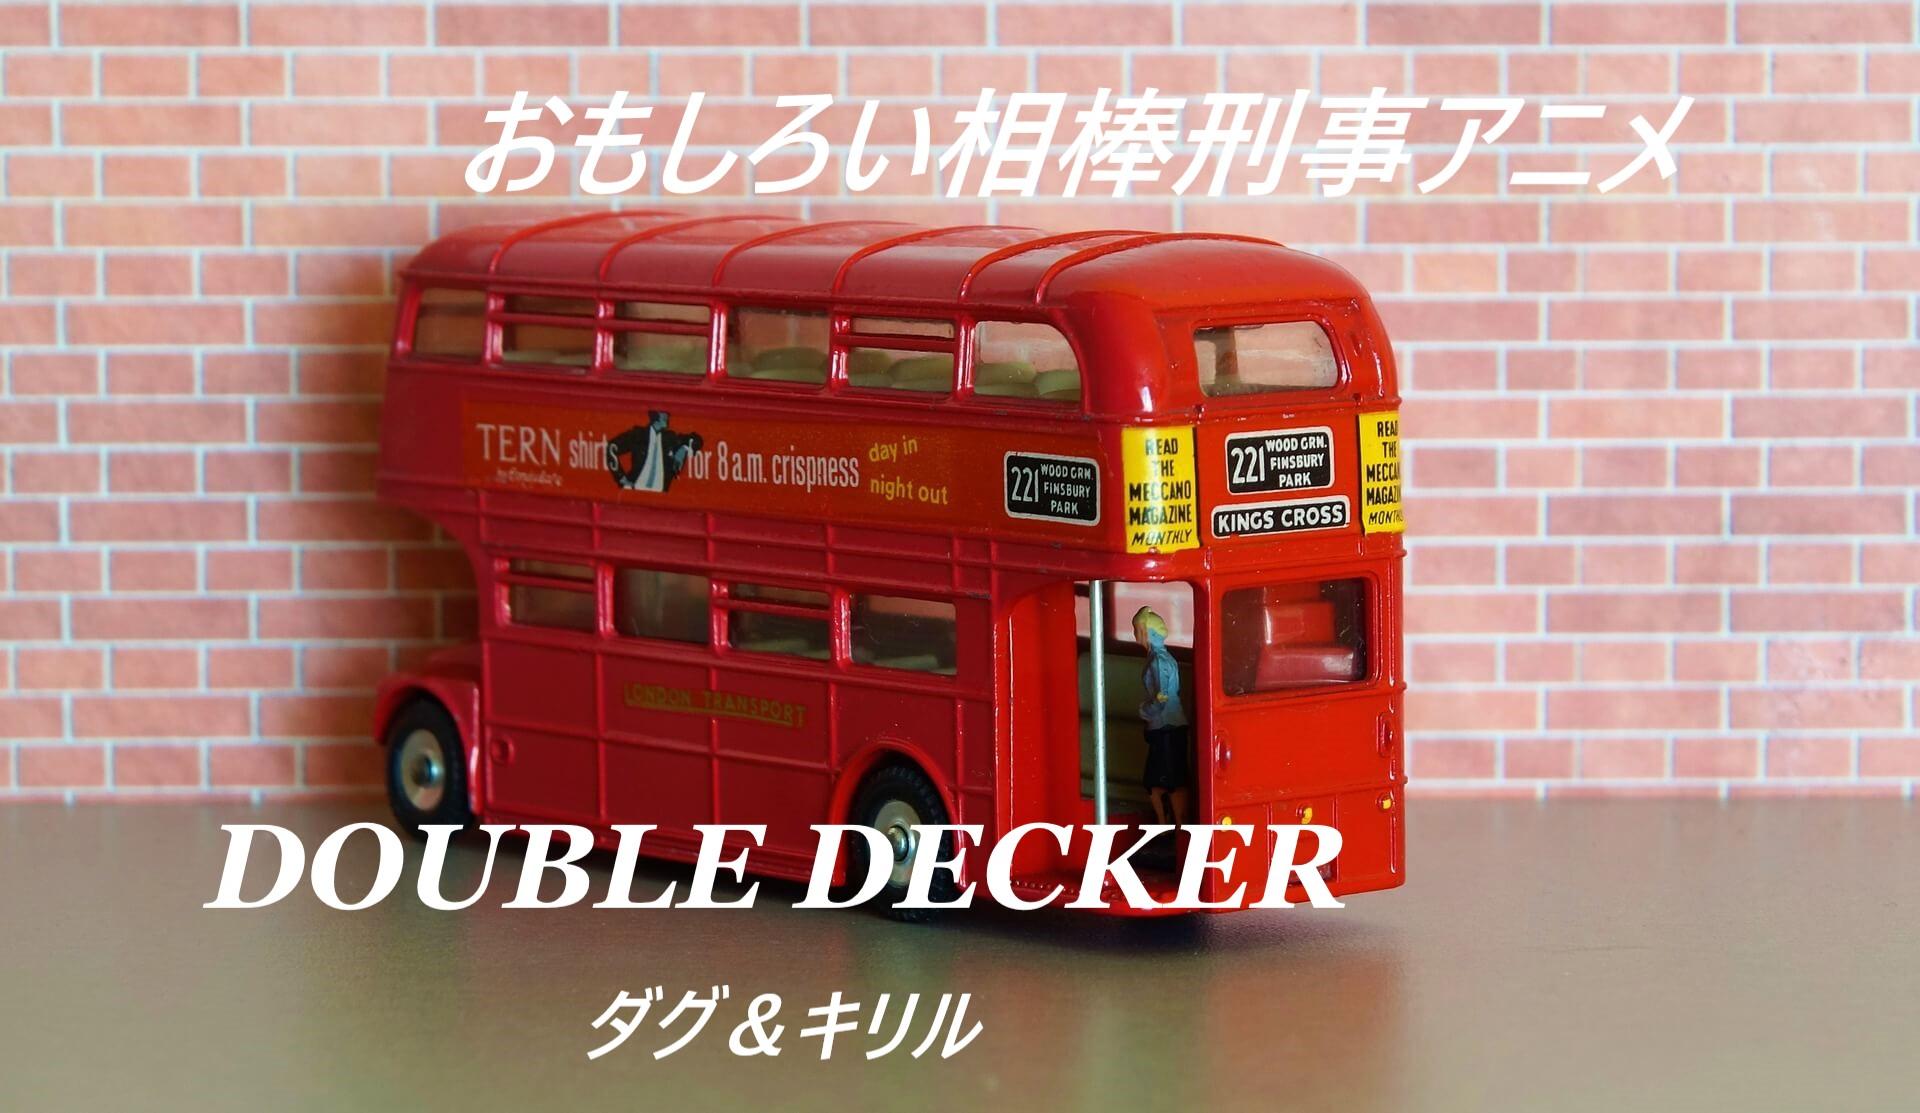 おもしろい相棒刑事アニメ DOUBLE DECKER ダグ&キリル